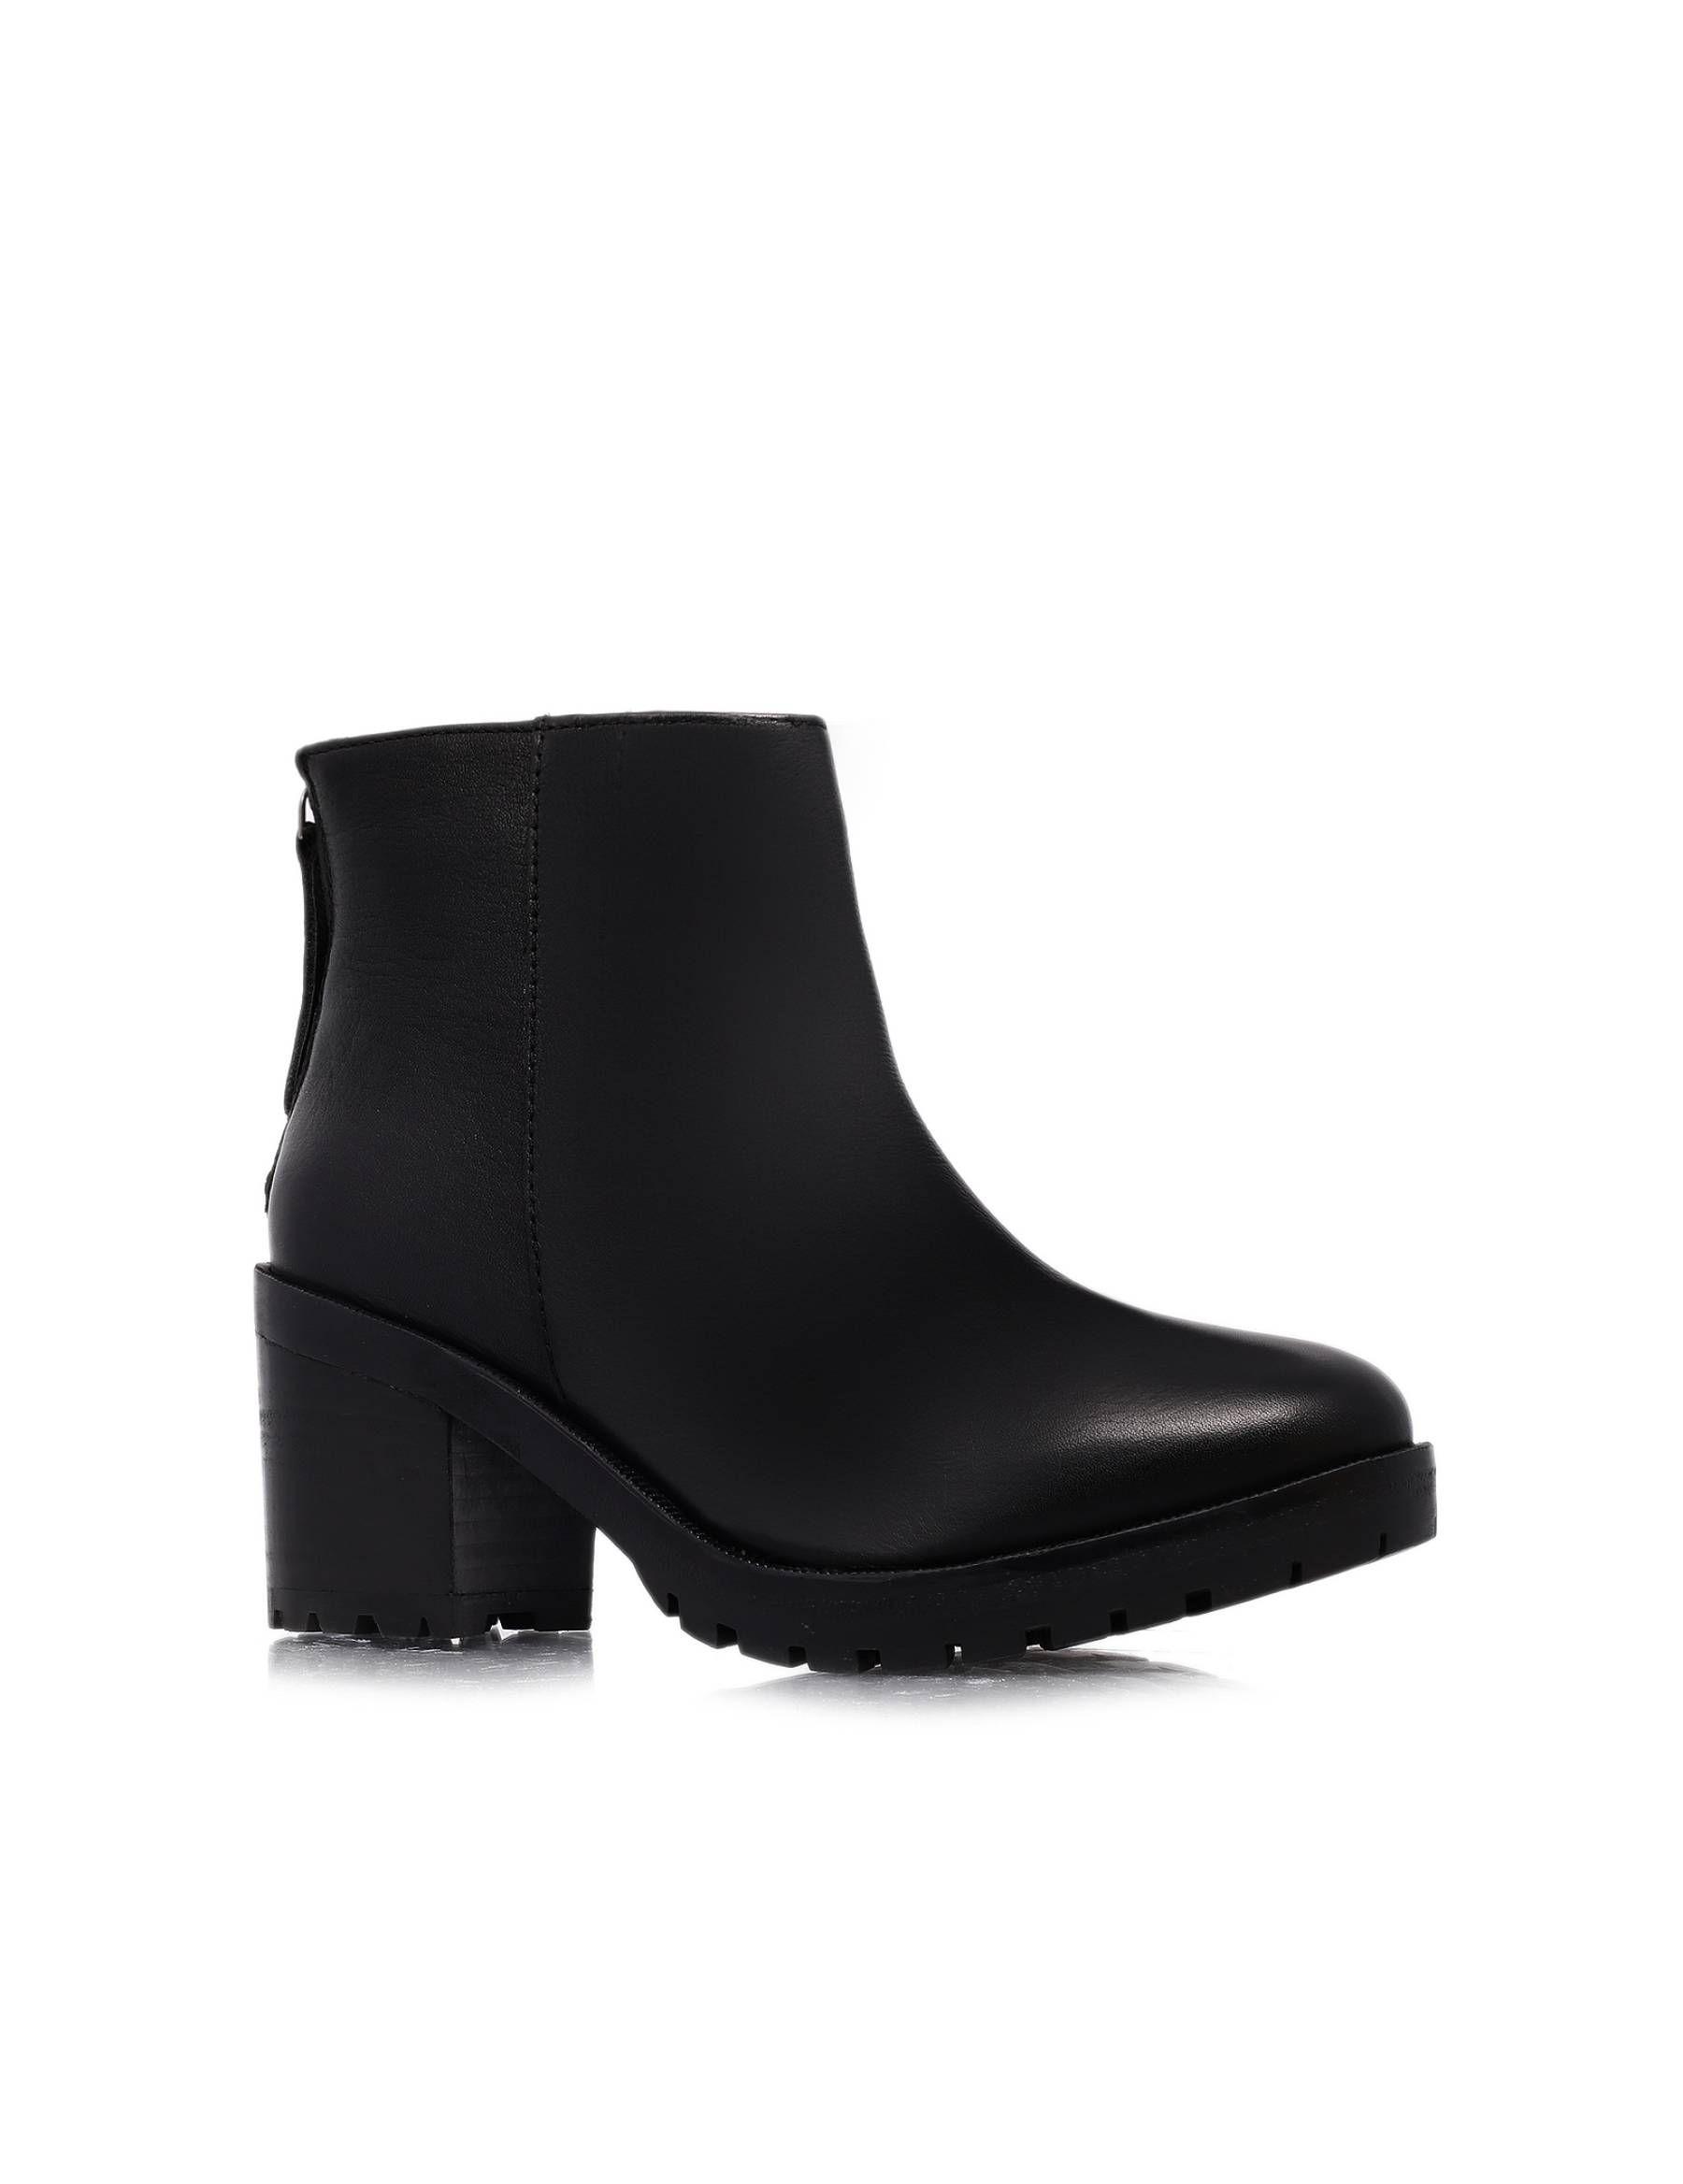 KG Kurt Geiger Spark Ankle Boot Black